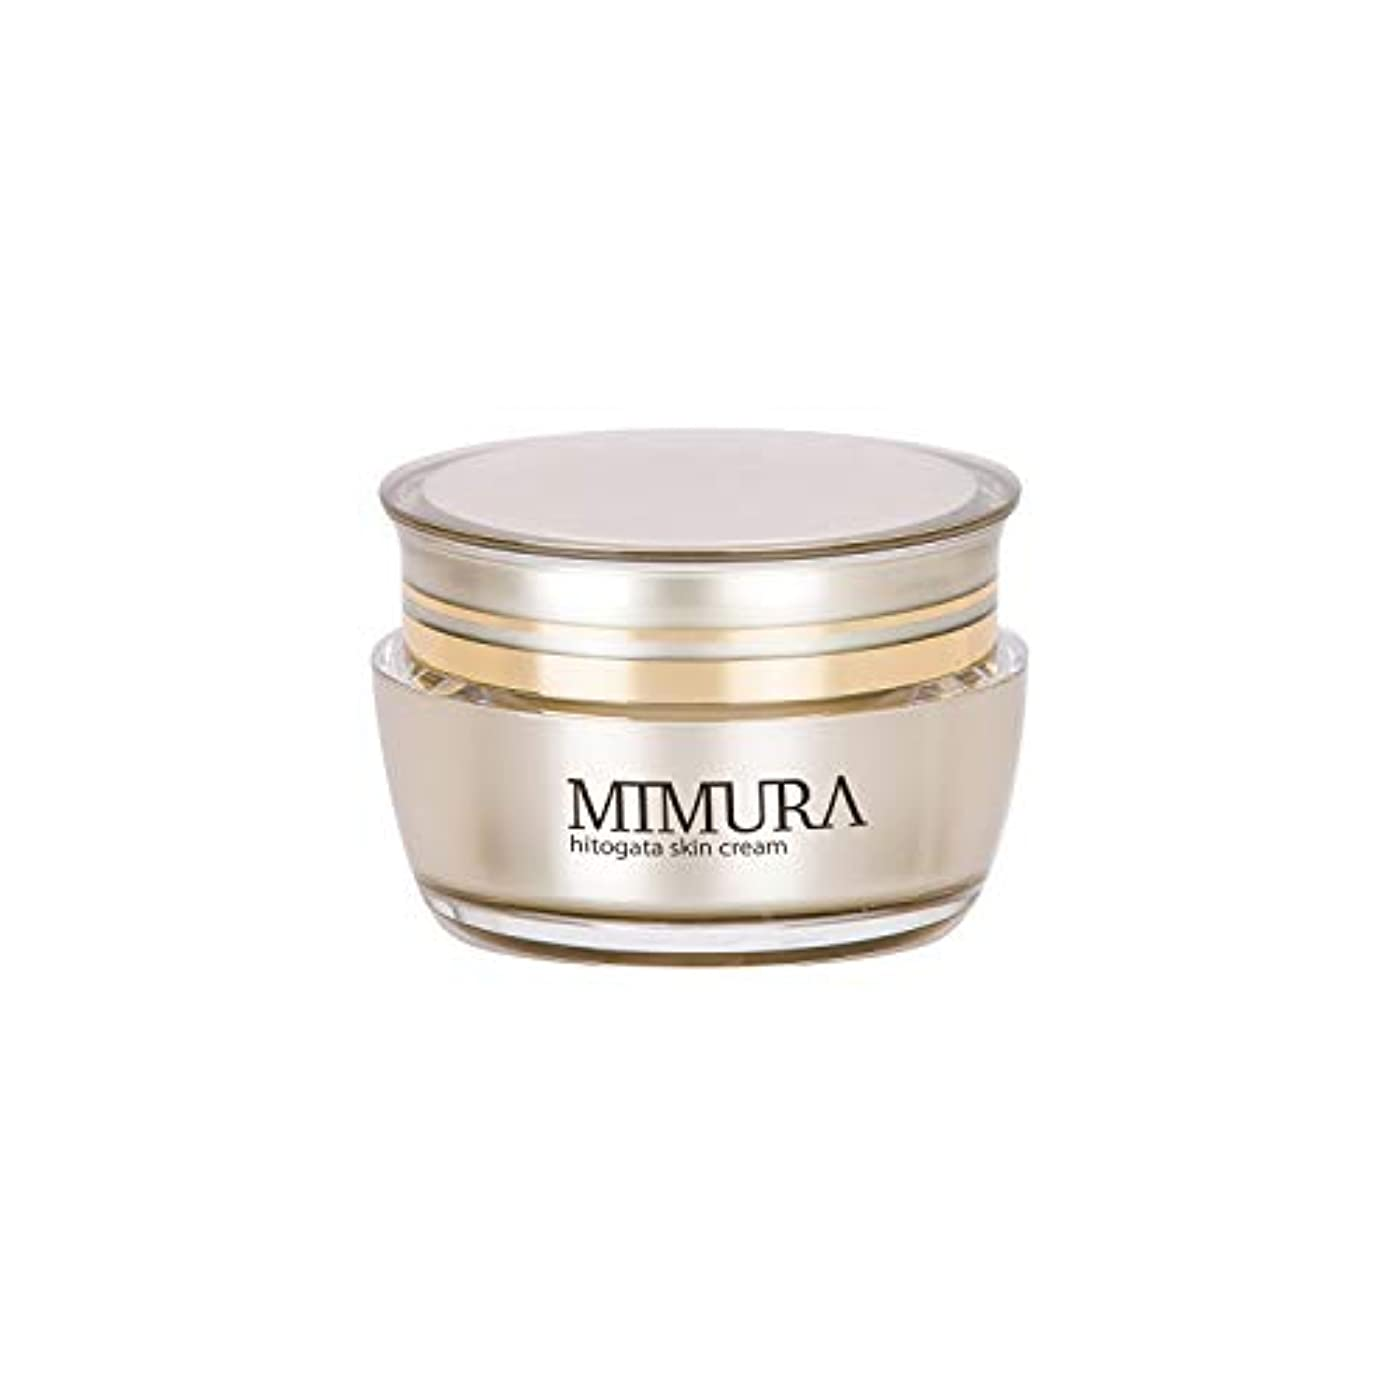 バナー舌なバウンドヒト幹細胞 保湿クリーム ブースター ミムラ hitogata スキン クリーム 30g MIMURA 日本製